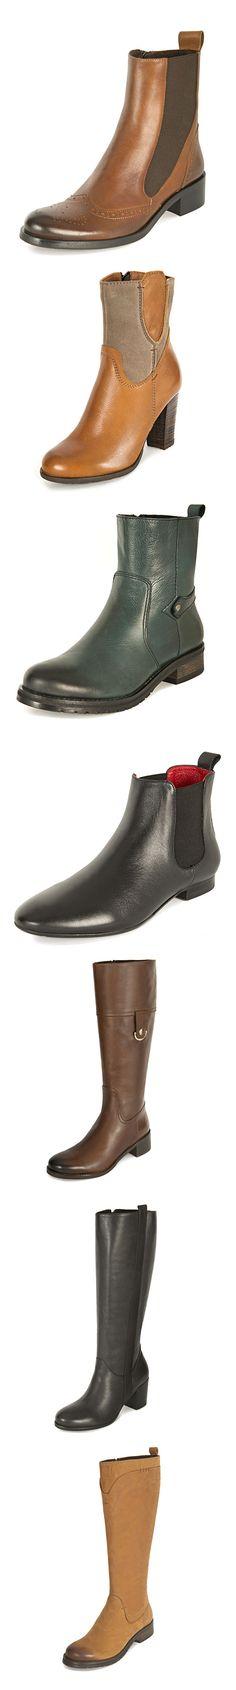 """Wspólnie z marką #Nessi zapraszamy do zabawy, z której można wyjść…z nową parą eleganckich i wygodnych butów z najnowszej kolekcji """"Get the look"""". #konkurs #buty Szczegóły na: http://www.eksmagazyn.pl/kalendarz-imprez/eventy/konkurs-eksmagazynu-i-nessi-2/"""